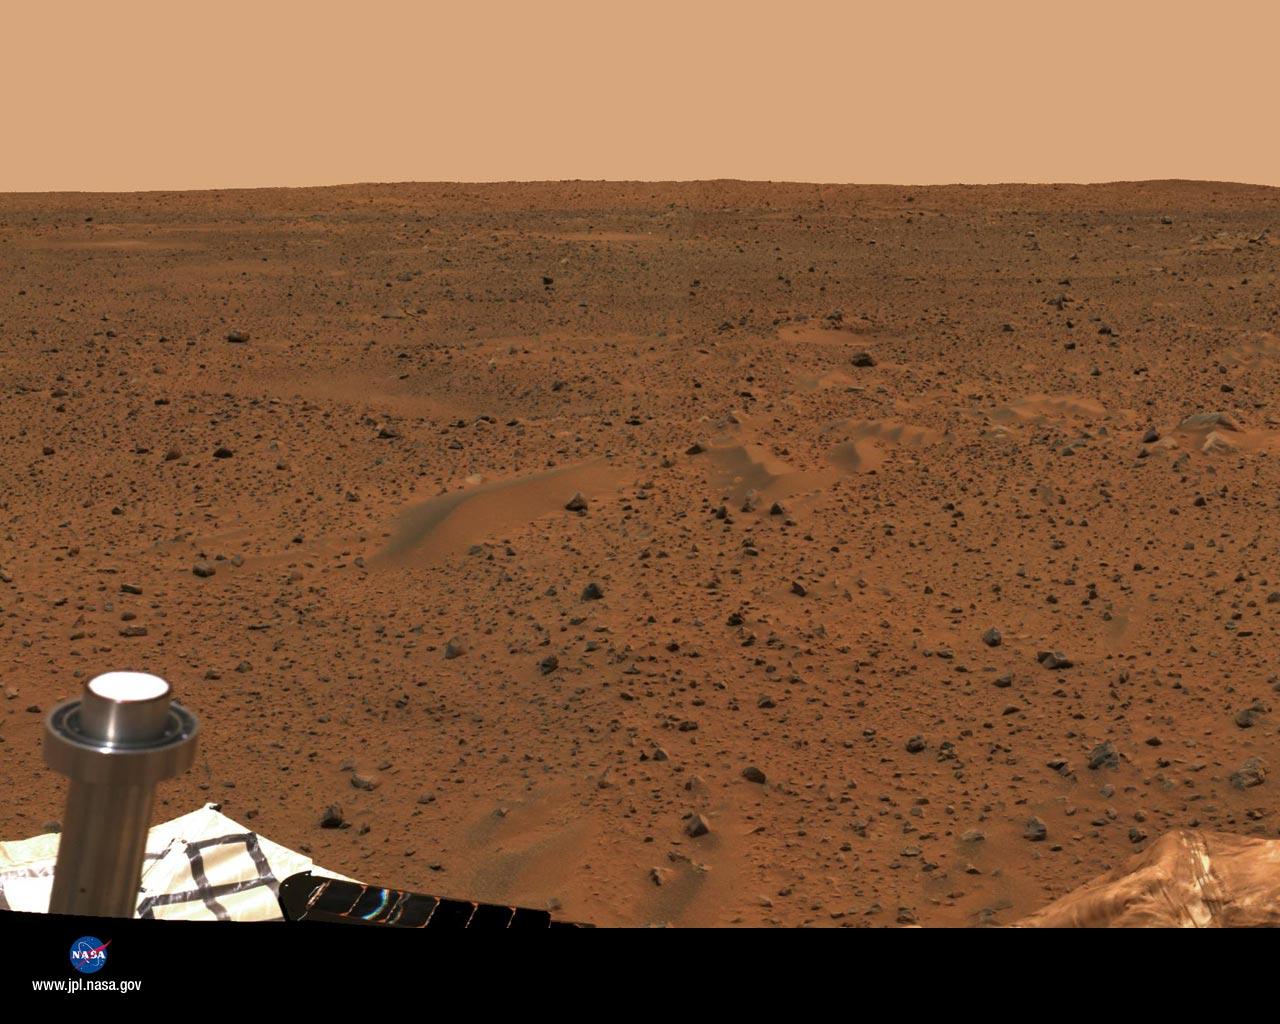 Cell Wallpaper Hd Illustration Fall Mars Wallpapers Top Mars Wallpaper 7284